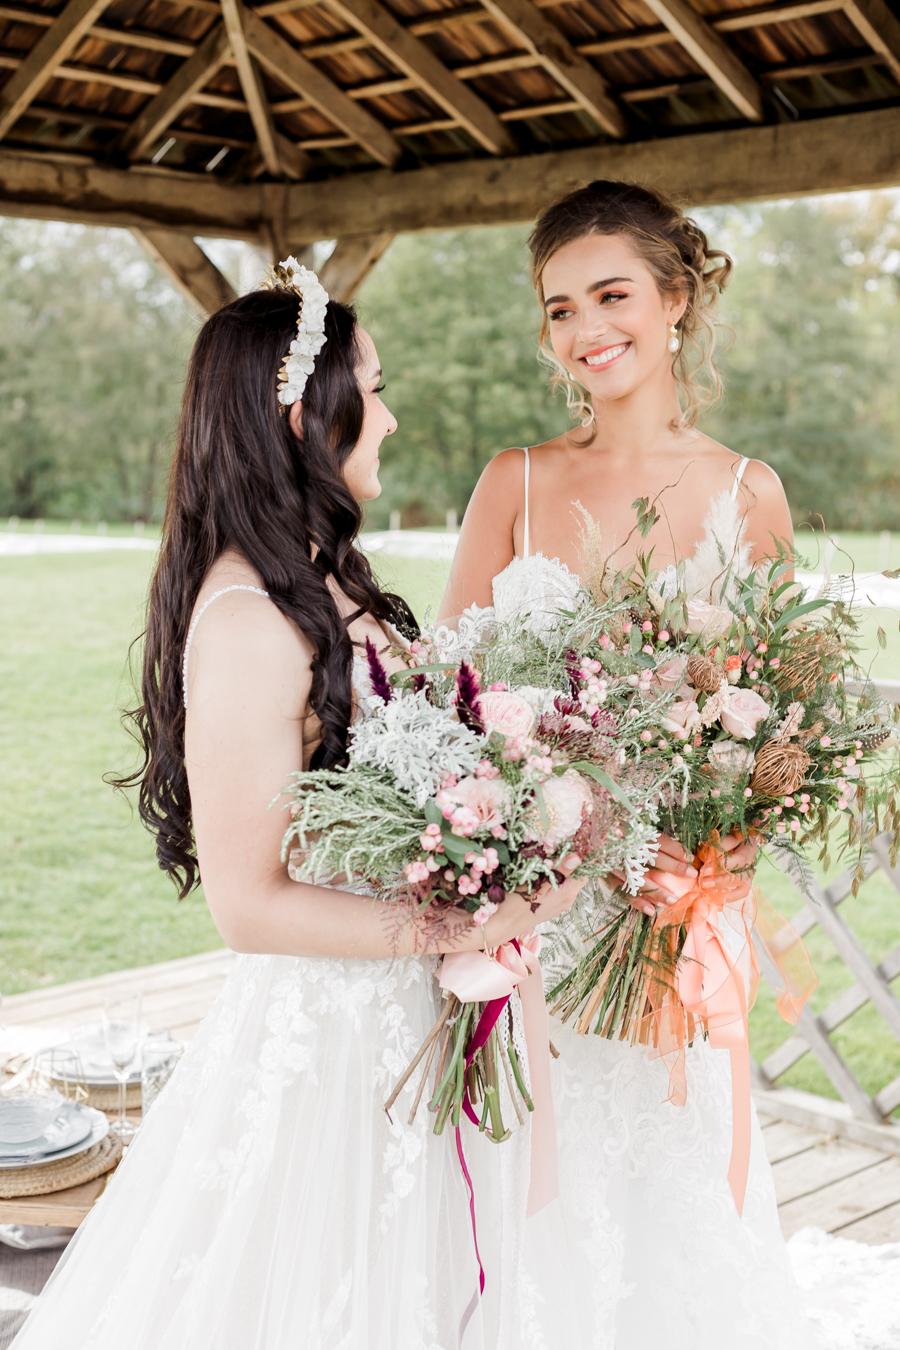 Hertfordshire Boho Themed Styled Wedding Shoot, photographer credit Absolute Photo UK (18)